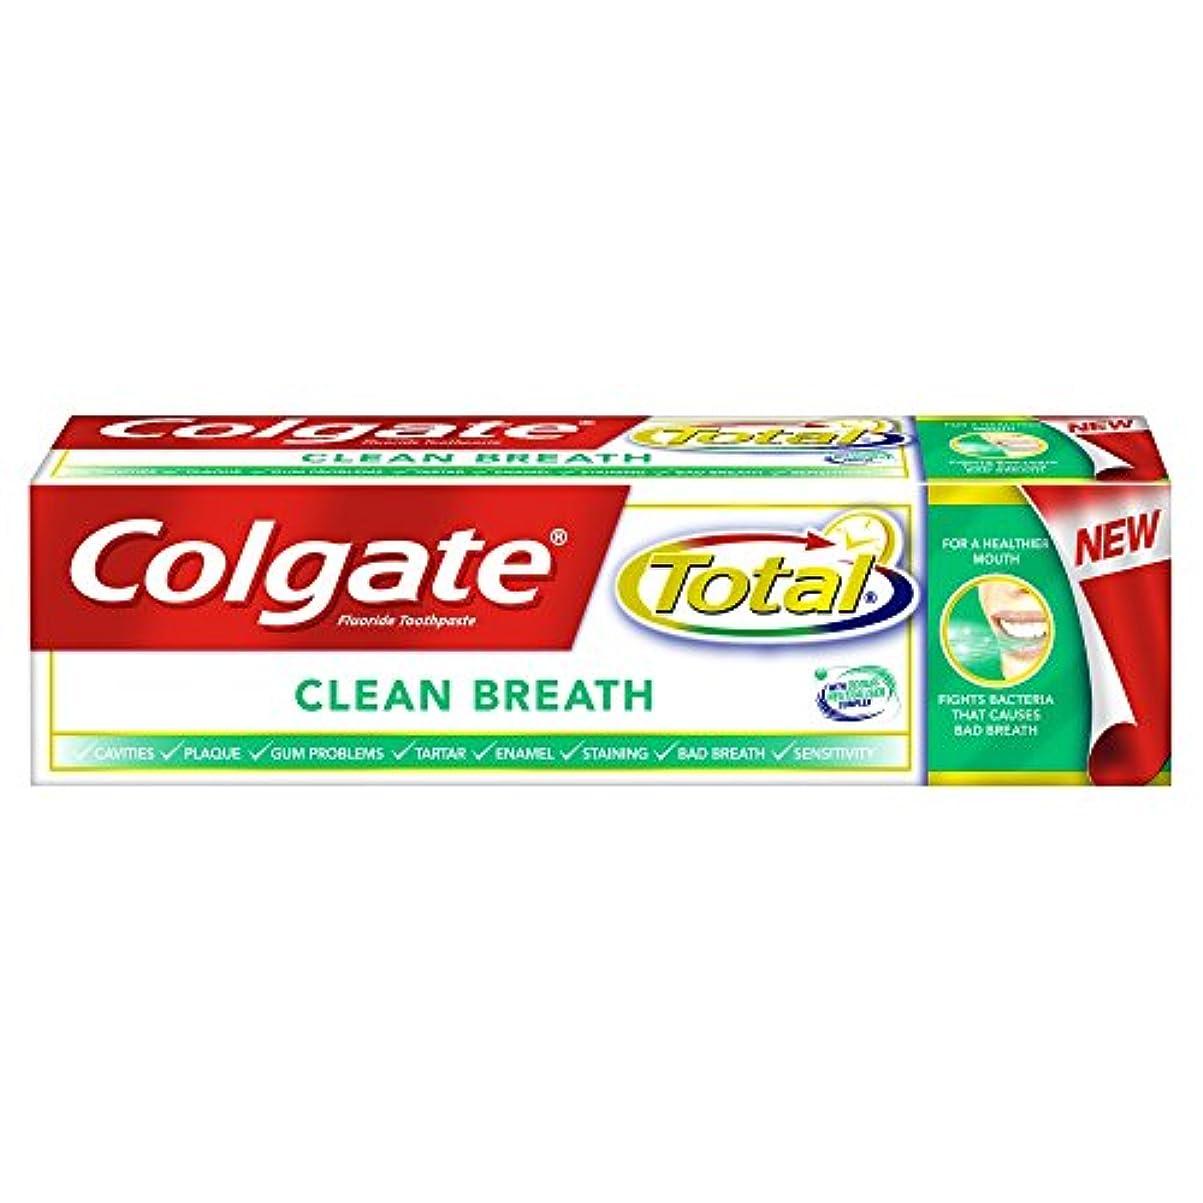 無効にするゴールド乙女[Colgate ] コルゲートトータルプレミアムクリーン息歯磨き粉75ミリリットル - Colgate Total Premium Clean Breath Toothpaste 75Ml [並行輸入品]